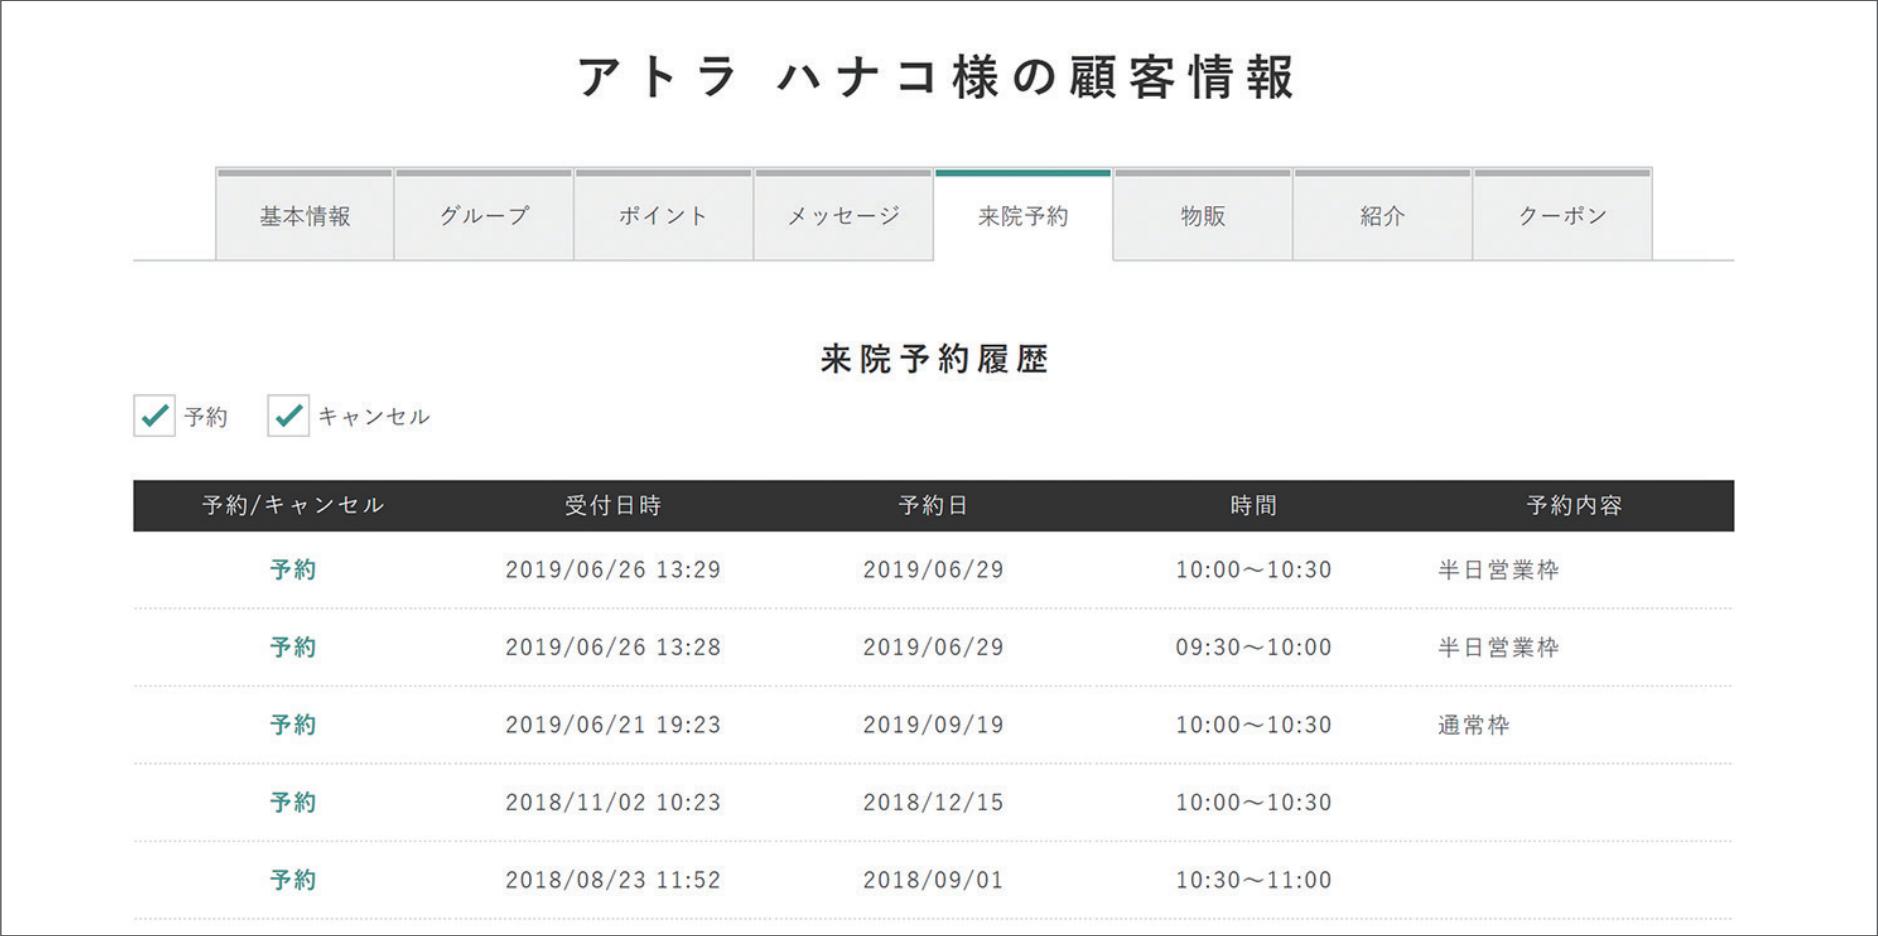 顧客情報の画面イメージ